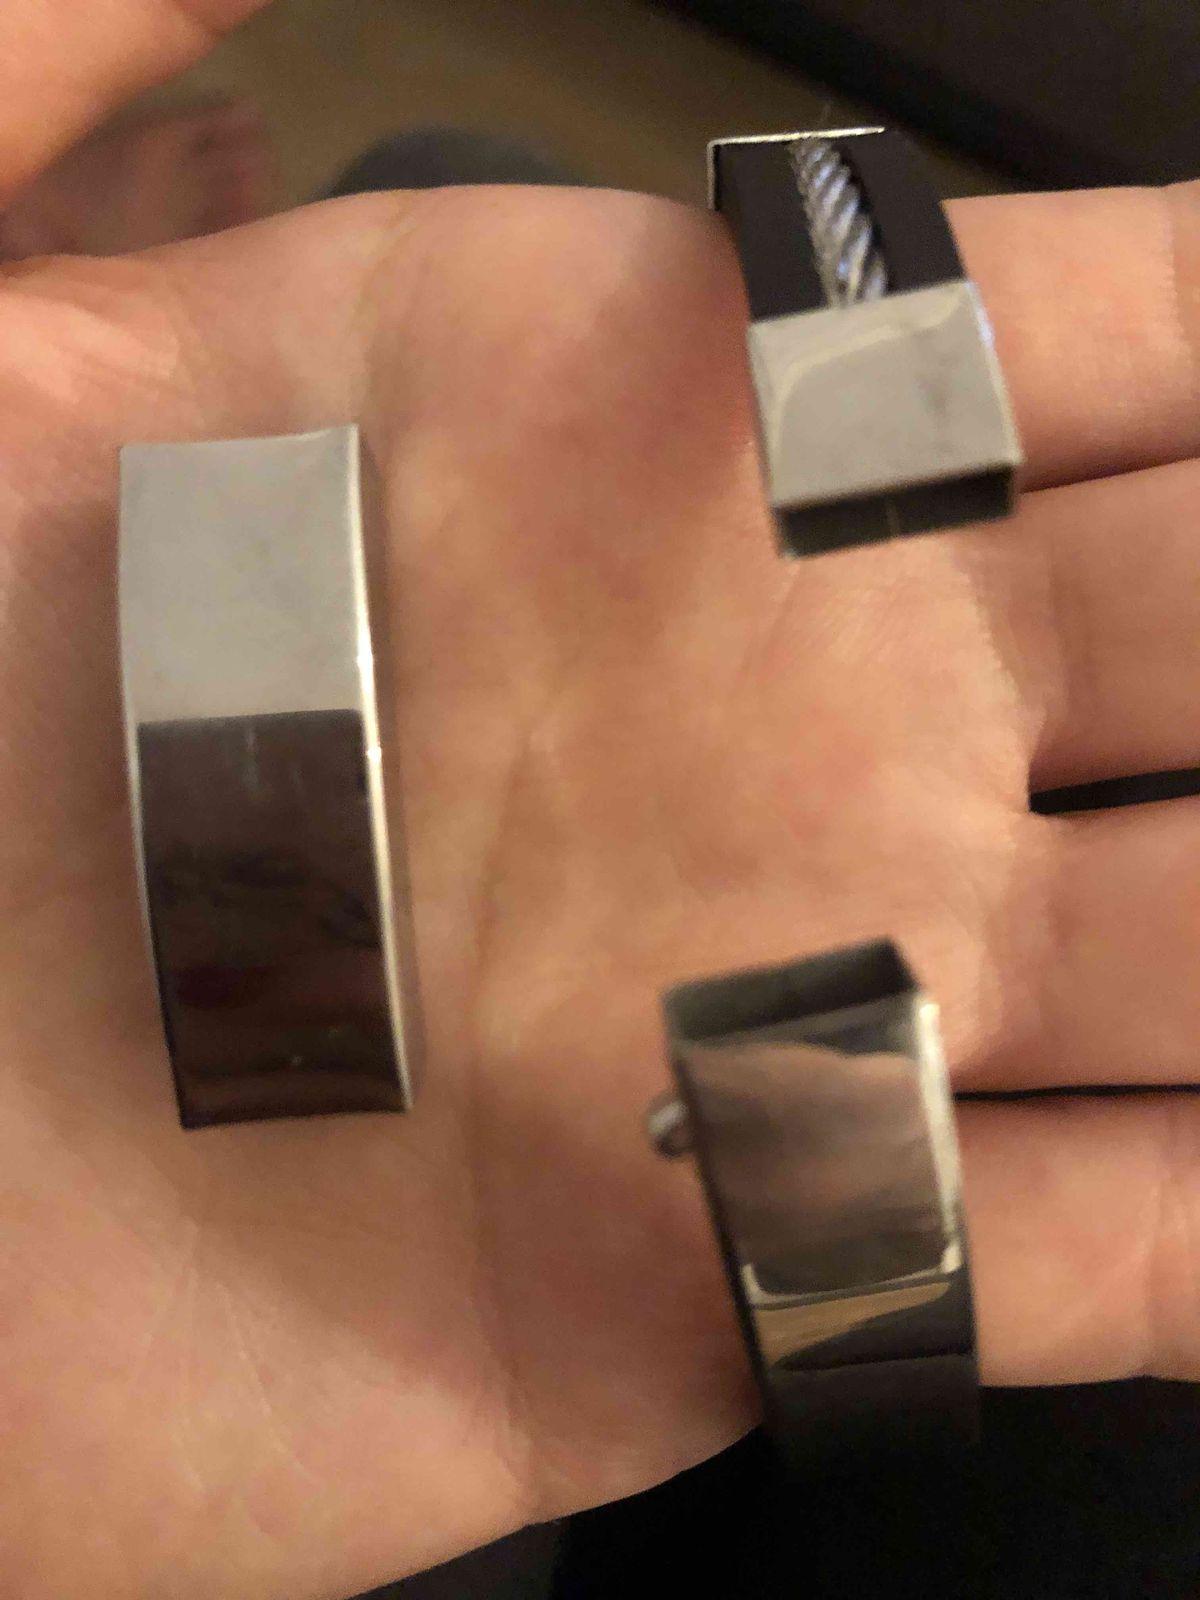 Стильный браслет, но сломался через неделю носки